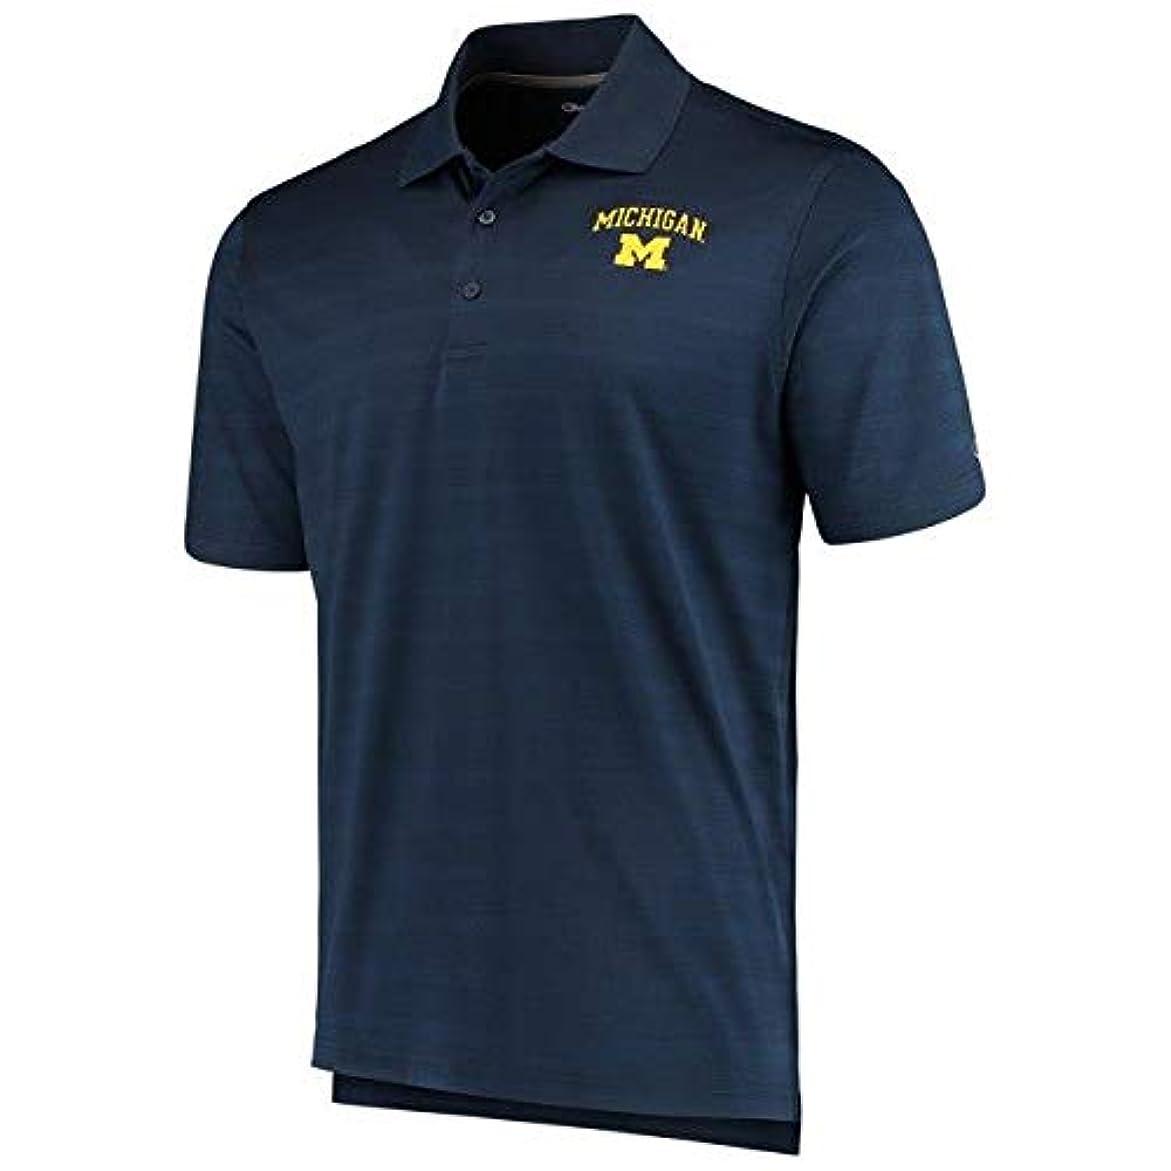 キャッチセージブートChampion Champion Michigan Wolverines Navy Textured Polo スポーツ用品 【並行輸入品】